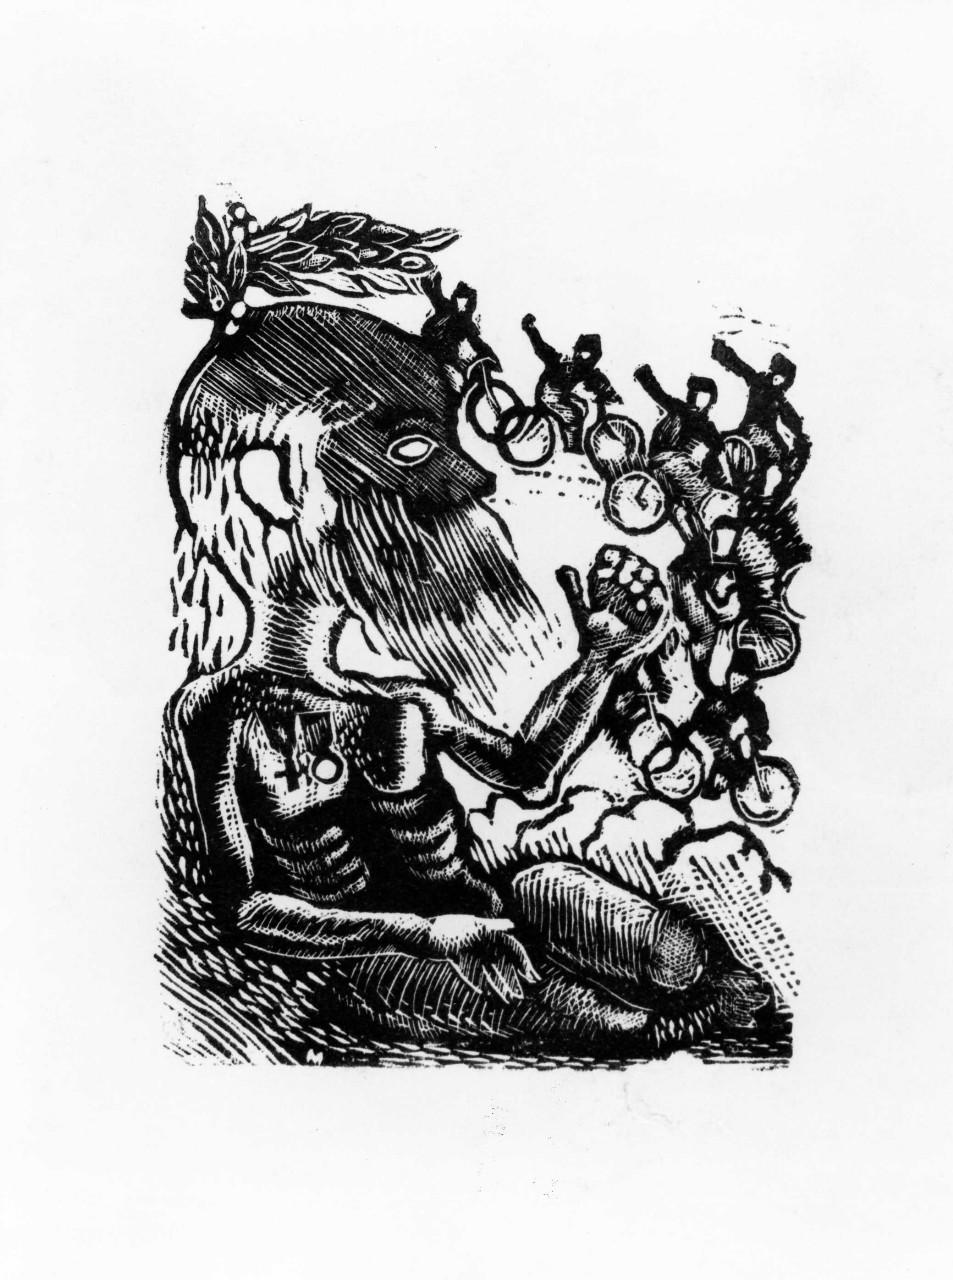 Contrasto tra il vecchio Selvaggio e i ragazzi del Fascio in bicicletta, allegoria della Gioventù e della Bellezza che vincono il Tempo (stampa) di Maccari Mino (sec. XX)